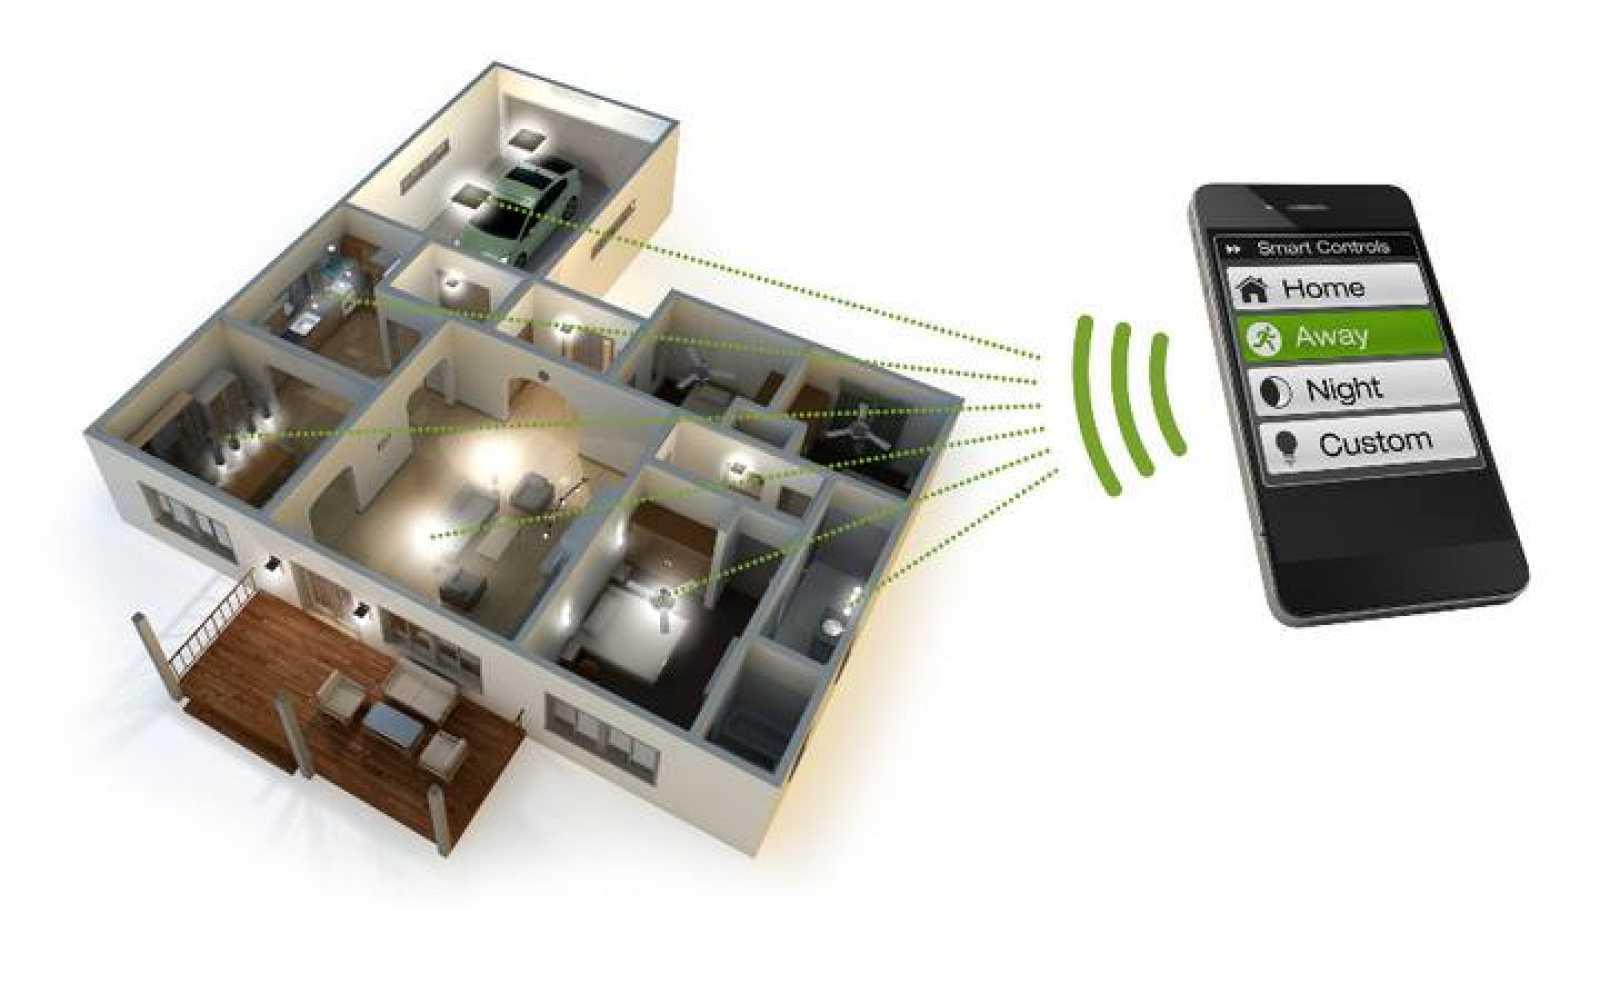 El sistema consiste en unos pequeños chips que se comportan como ordenadores simplificados en miniatura y que los fabricantes de bombillas pueden incorporar en sus modelos LED o fluorescentes de bajo consumo.